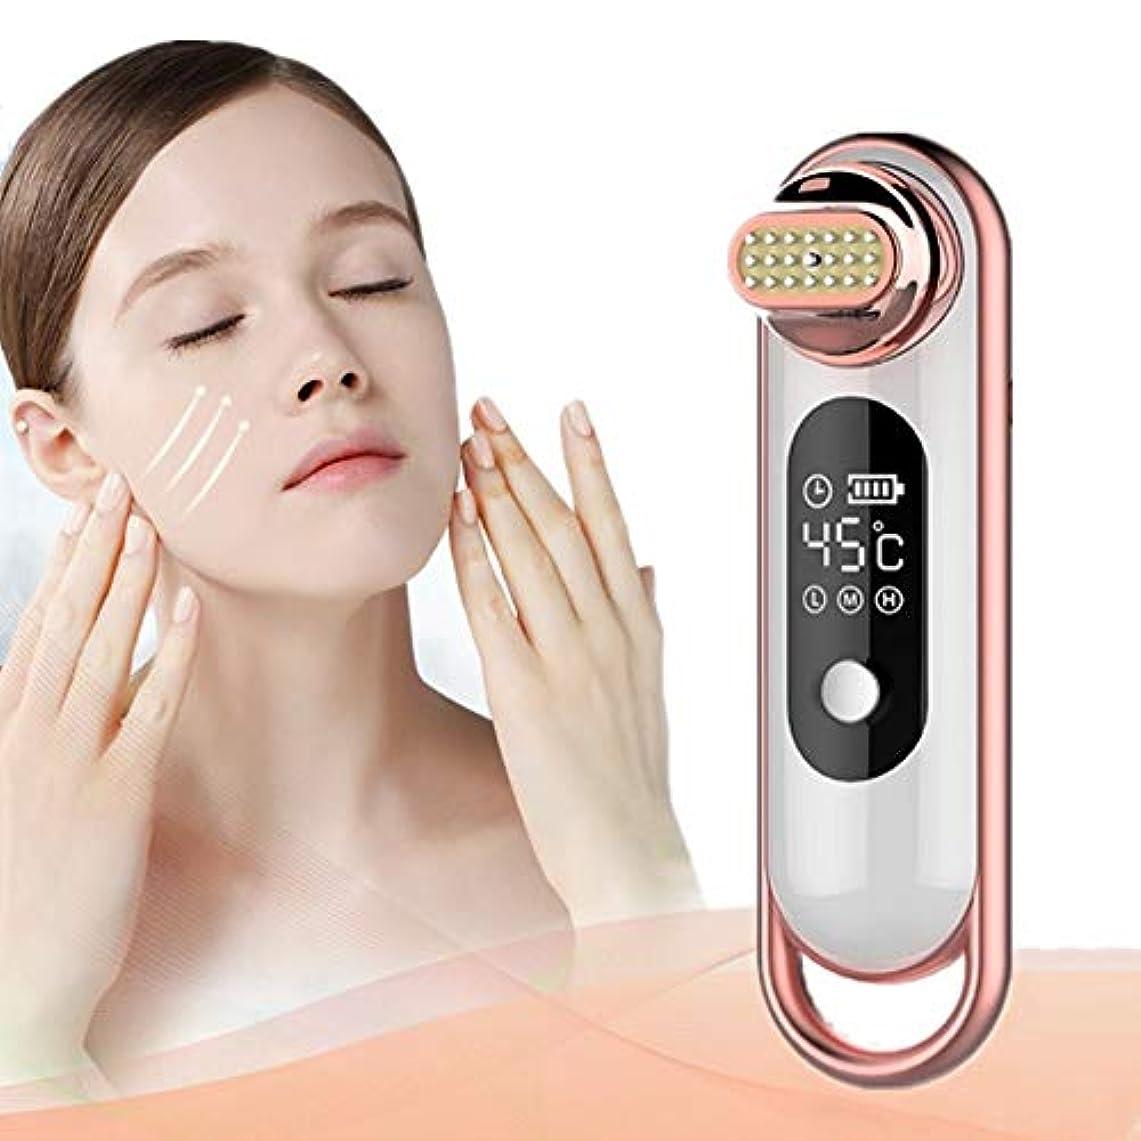 アンプ発表するスピーカー無線周波数機械、介護者の肌の引き締め、ダークサークルの除去しわ顔首リフトデバイスRF顔アンチエイジング美容デバイス肌の若返り